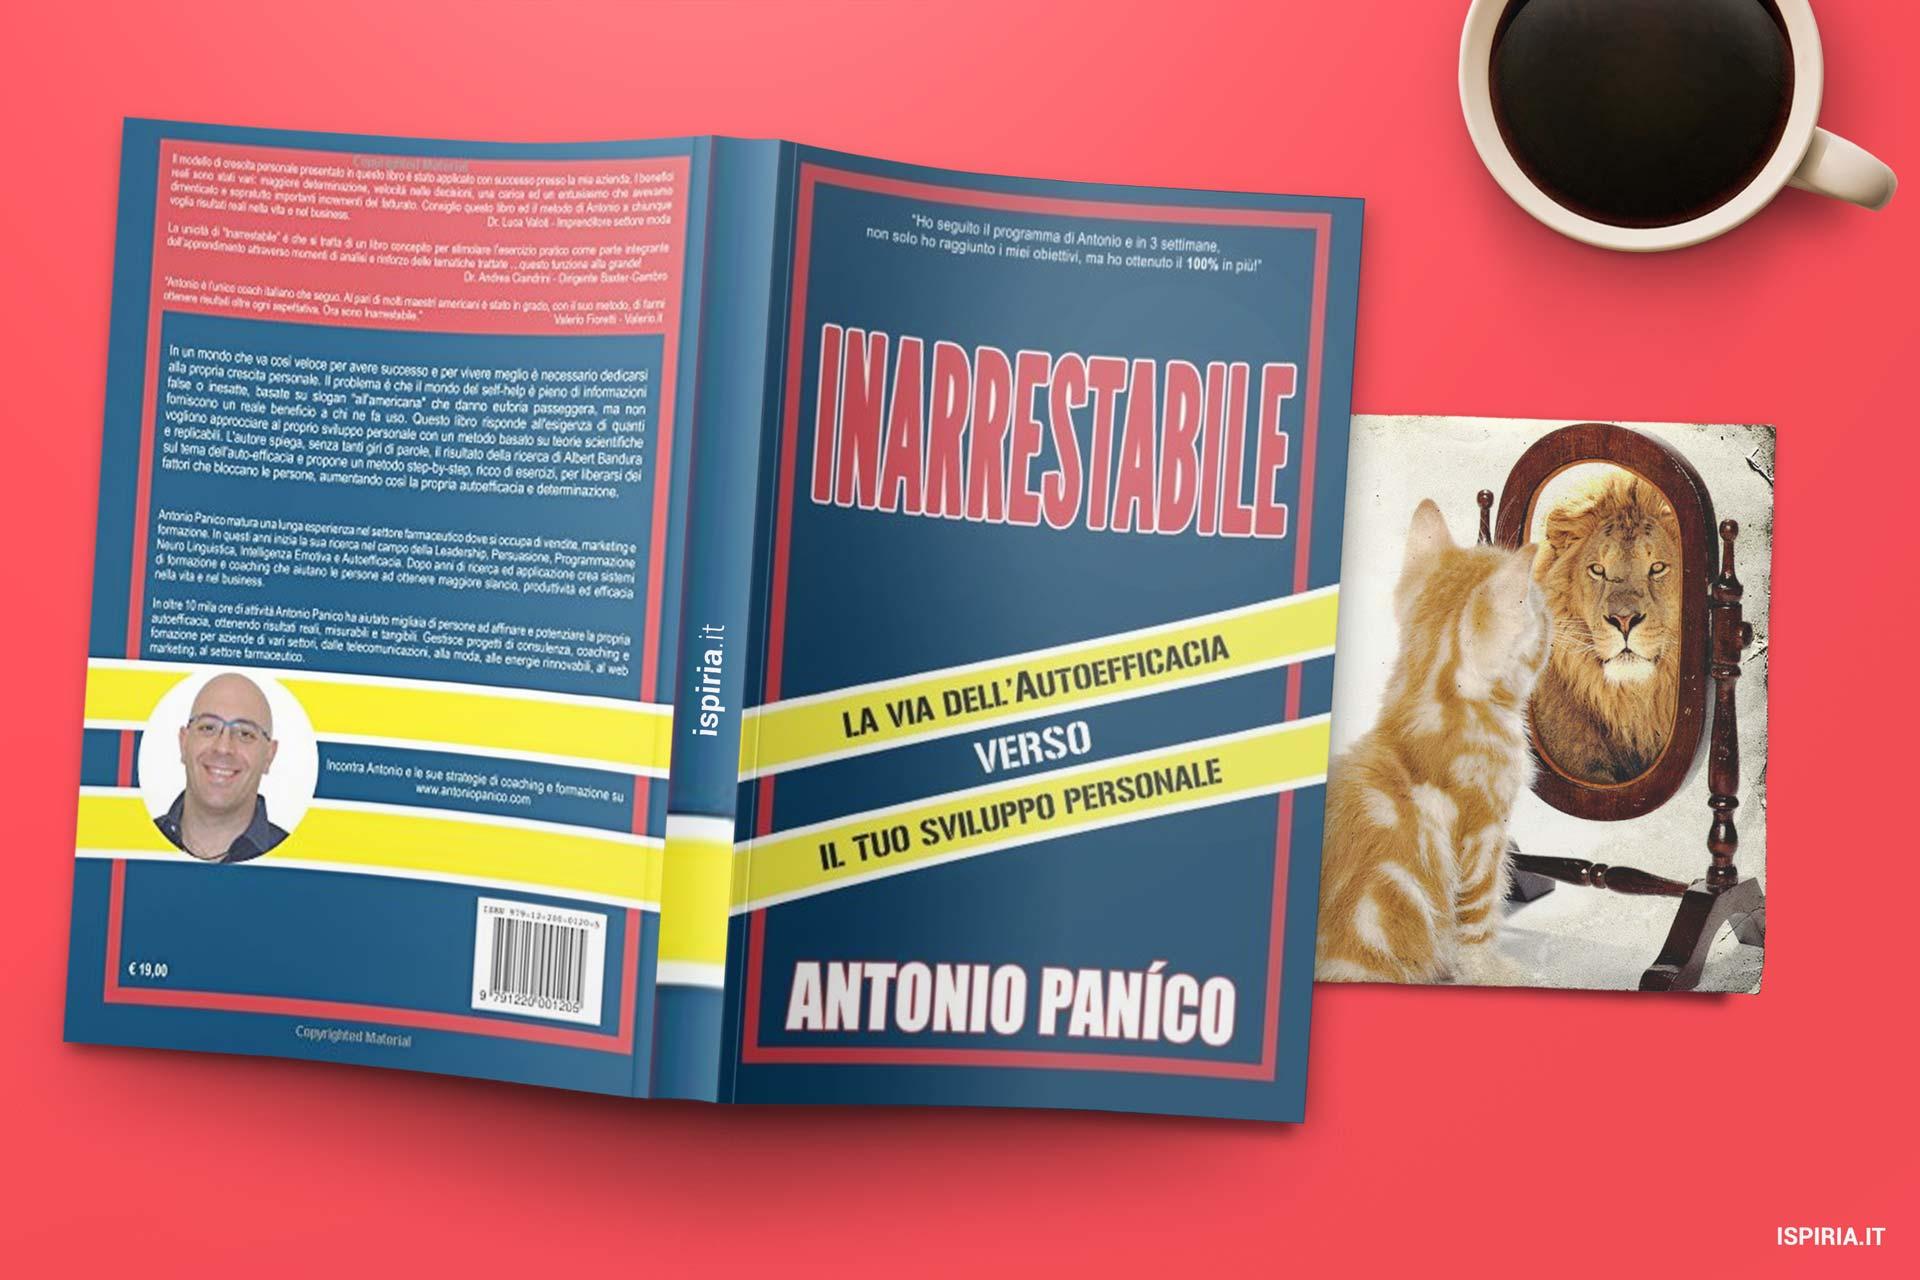 Aumentare L'autostima | Migliori Libri Per Migliorare Autostima, Fiducia E Sicurezza